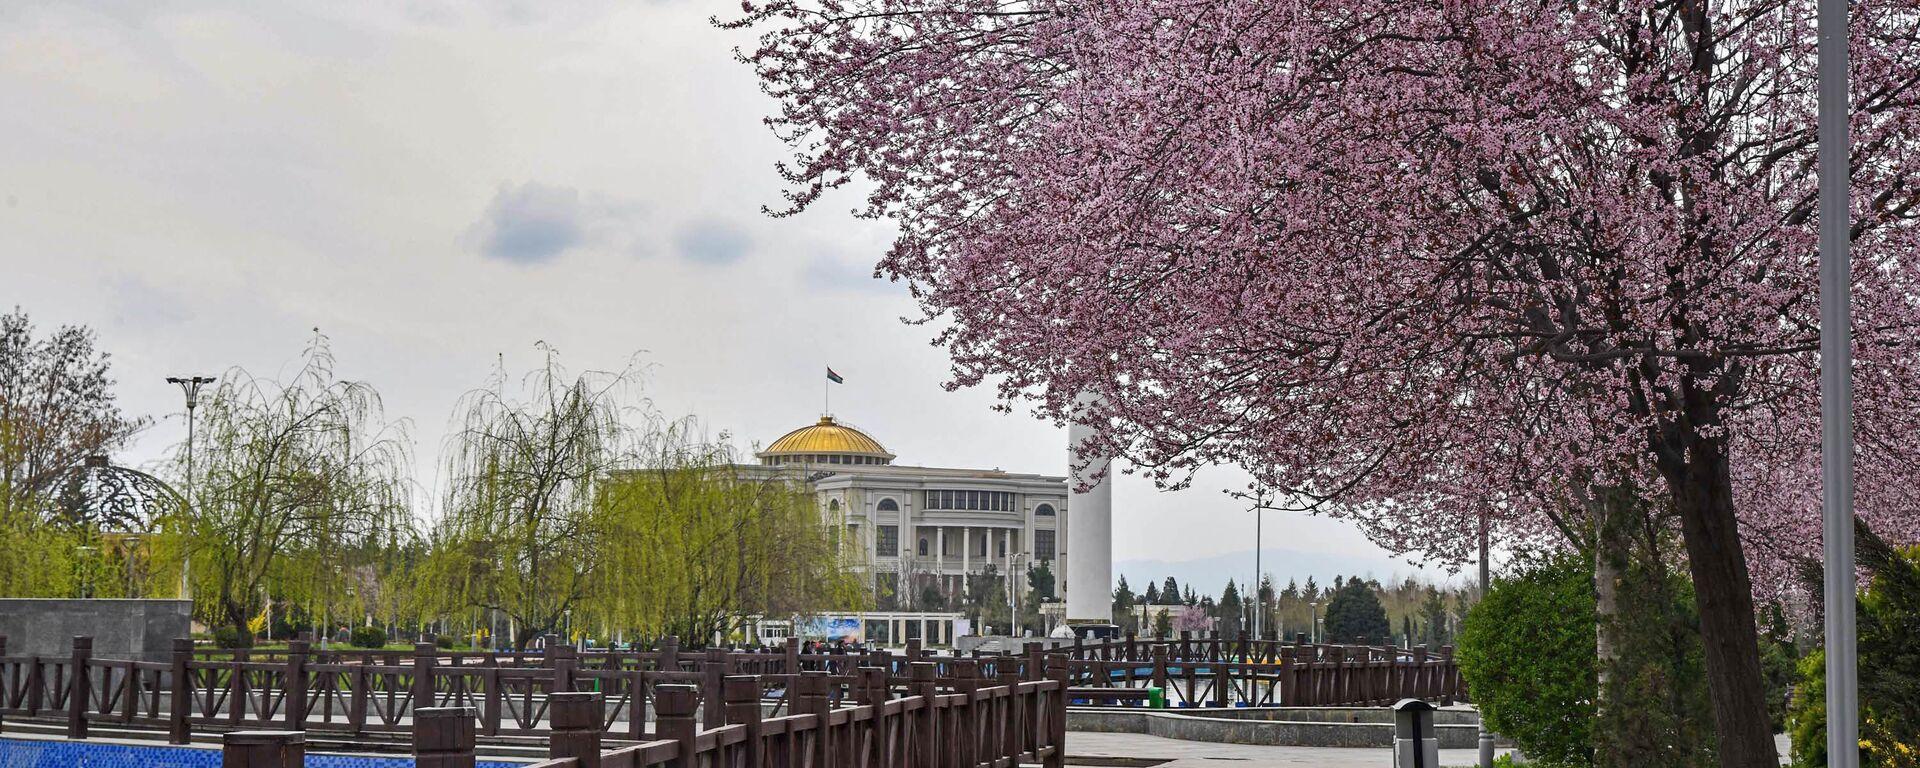 Вид города Душанбе  - Sputnik Тоҷикистон, 1920, 09.04.2021